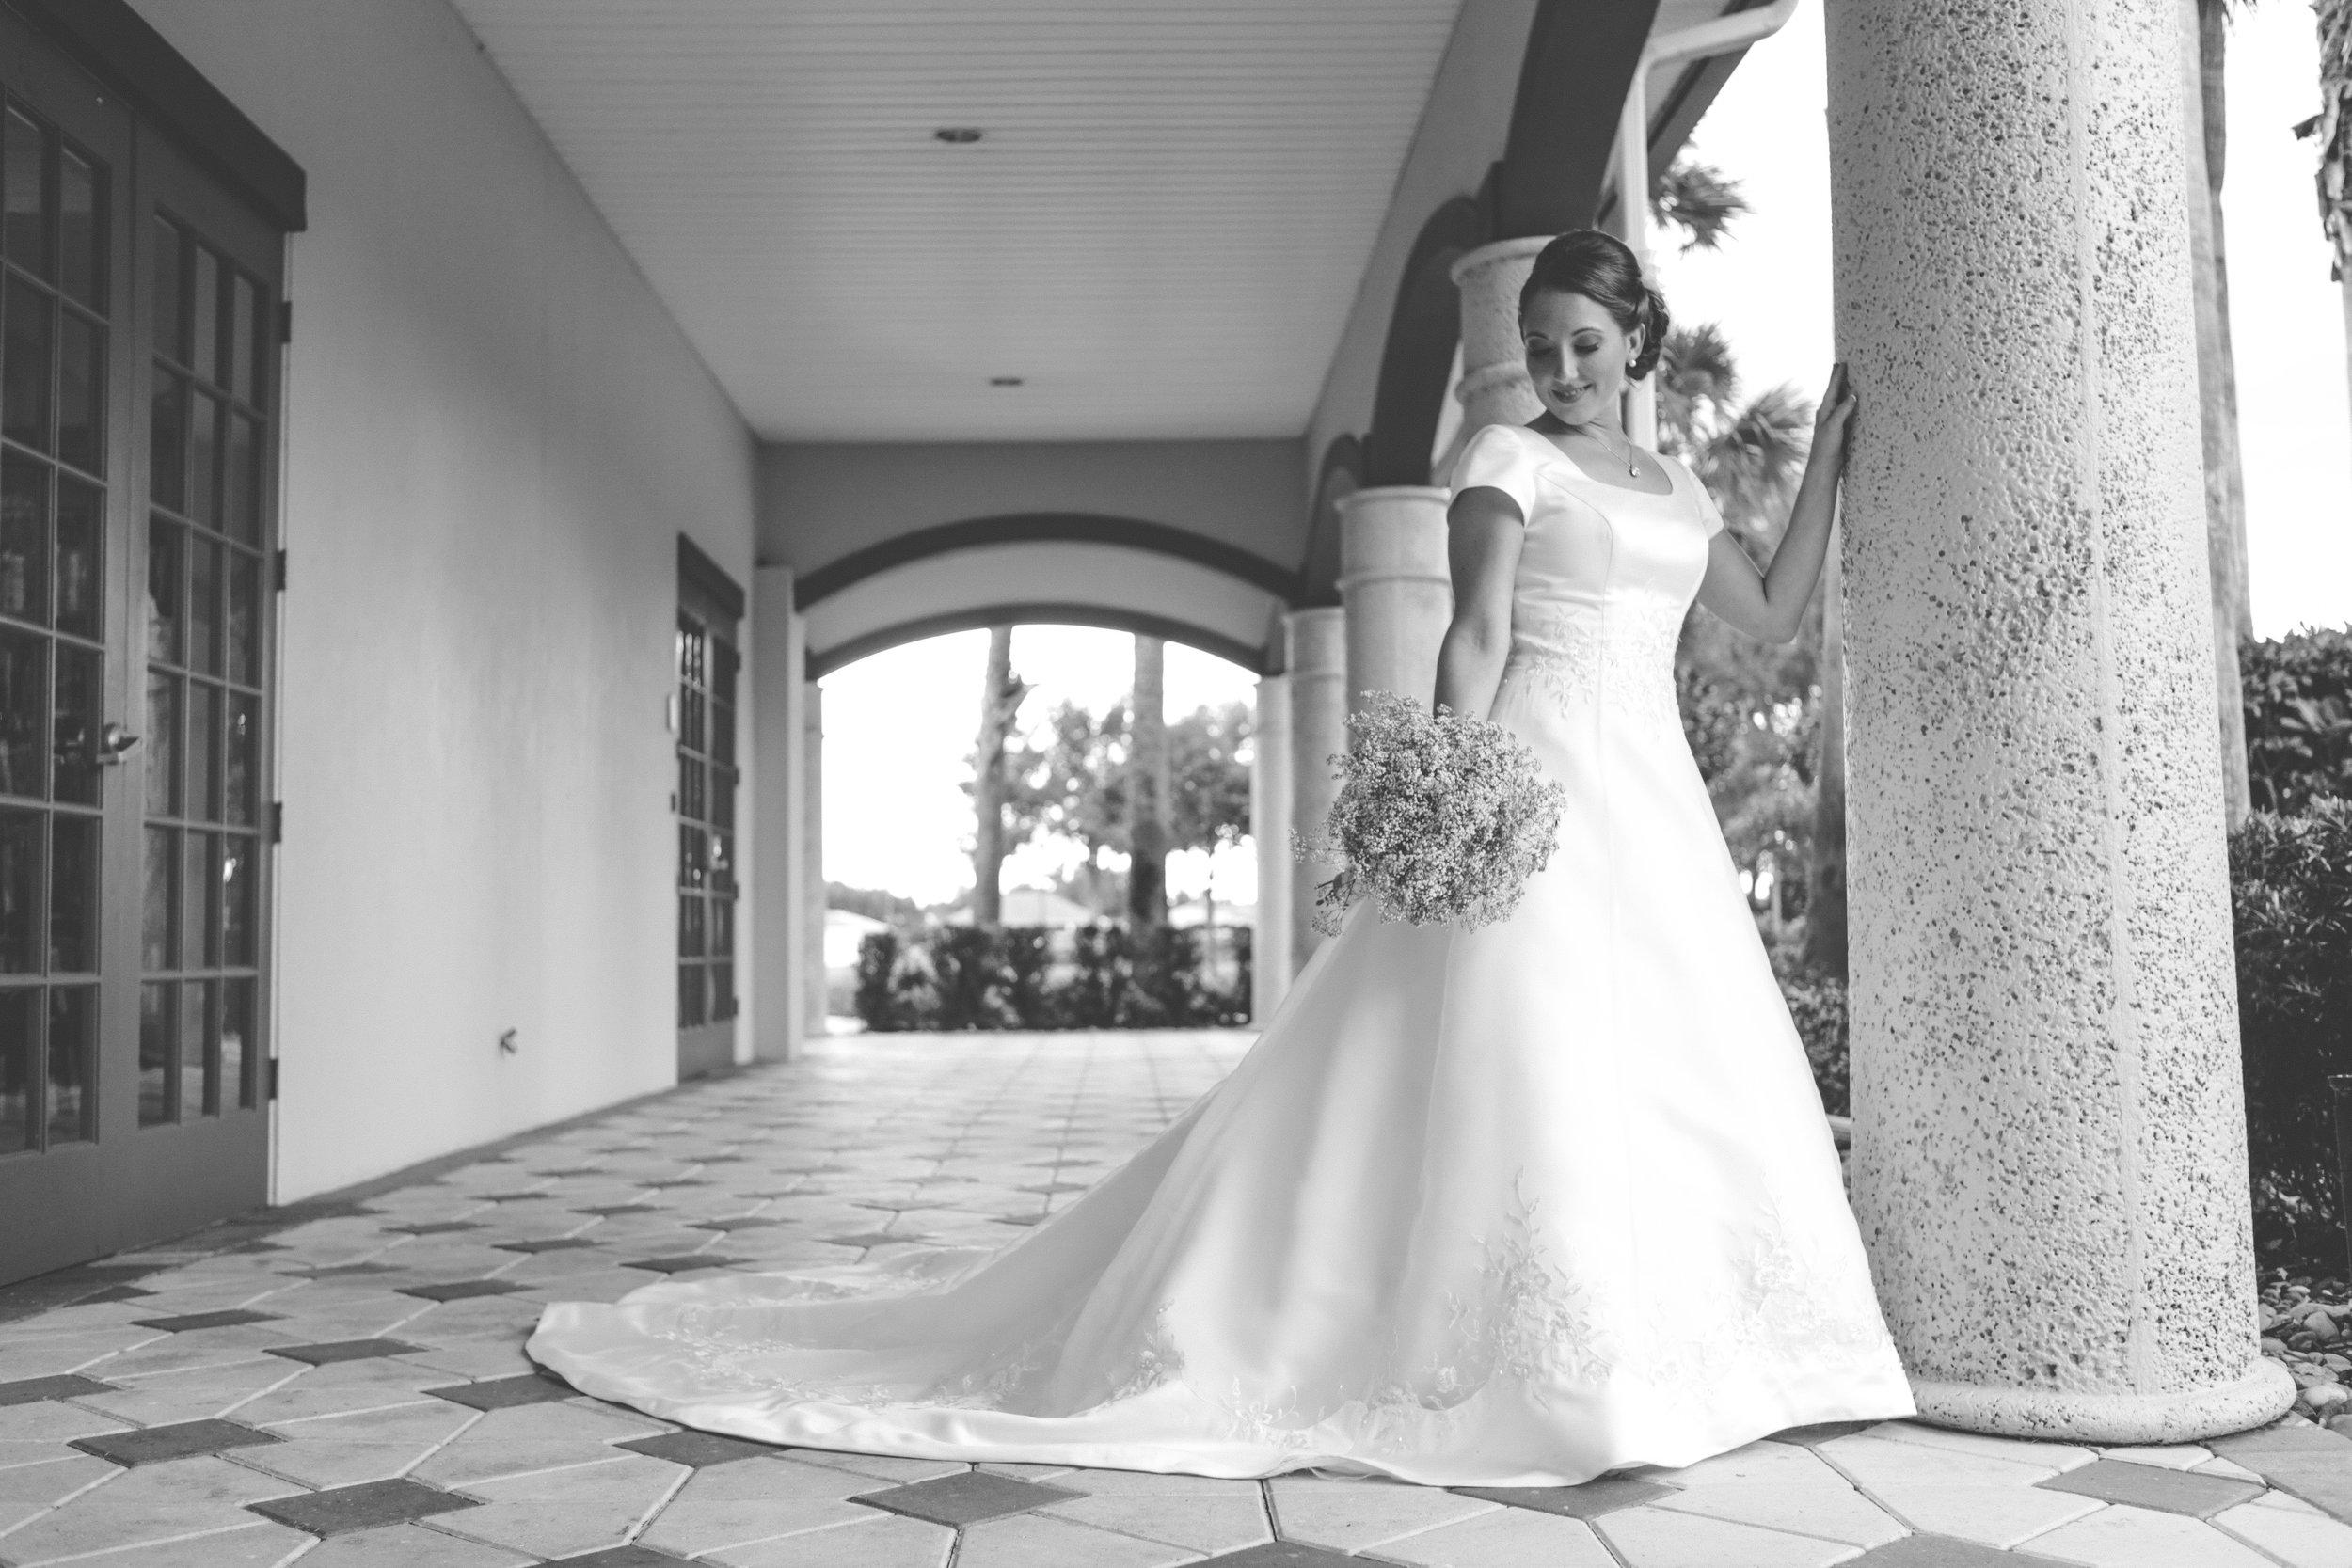 Bridal wedding portrait.jpg